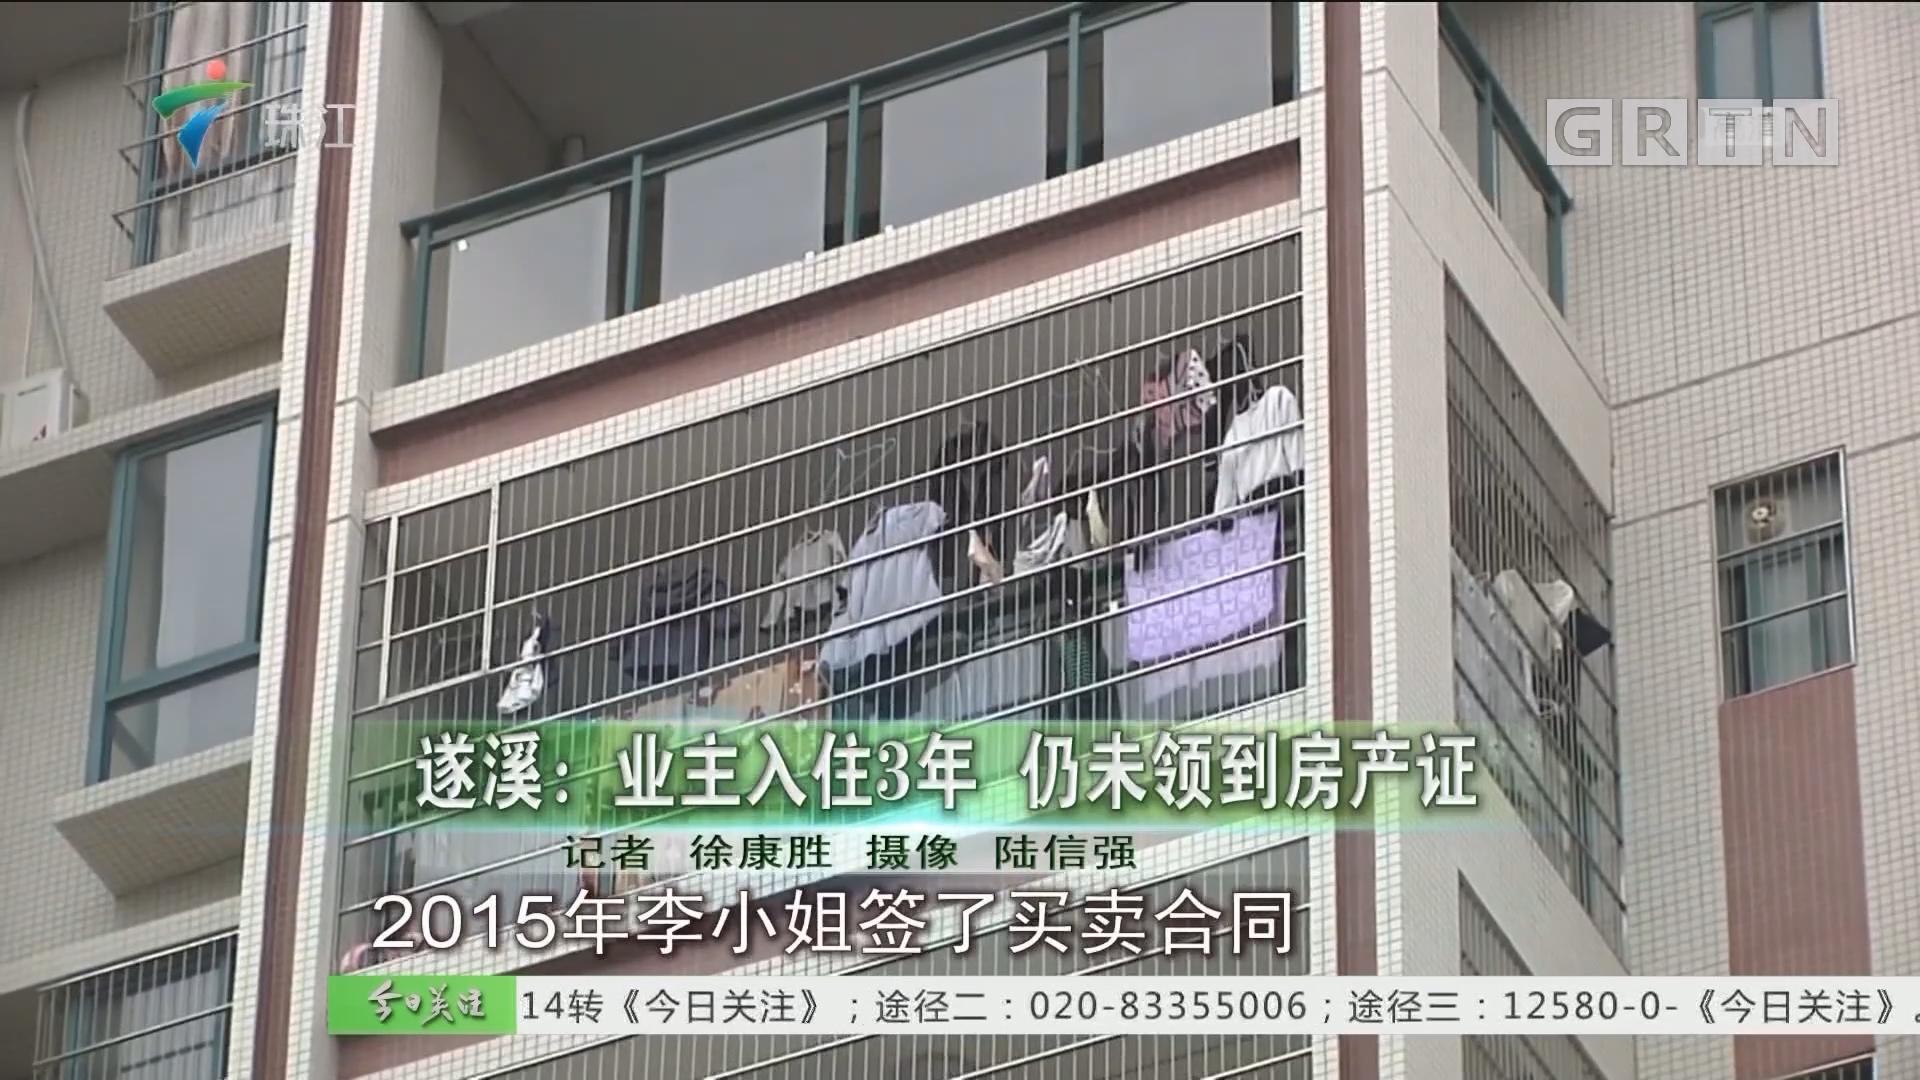 遂溪:业主入住3年 仍未领到房产证